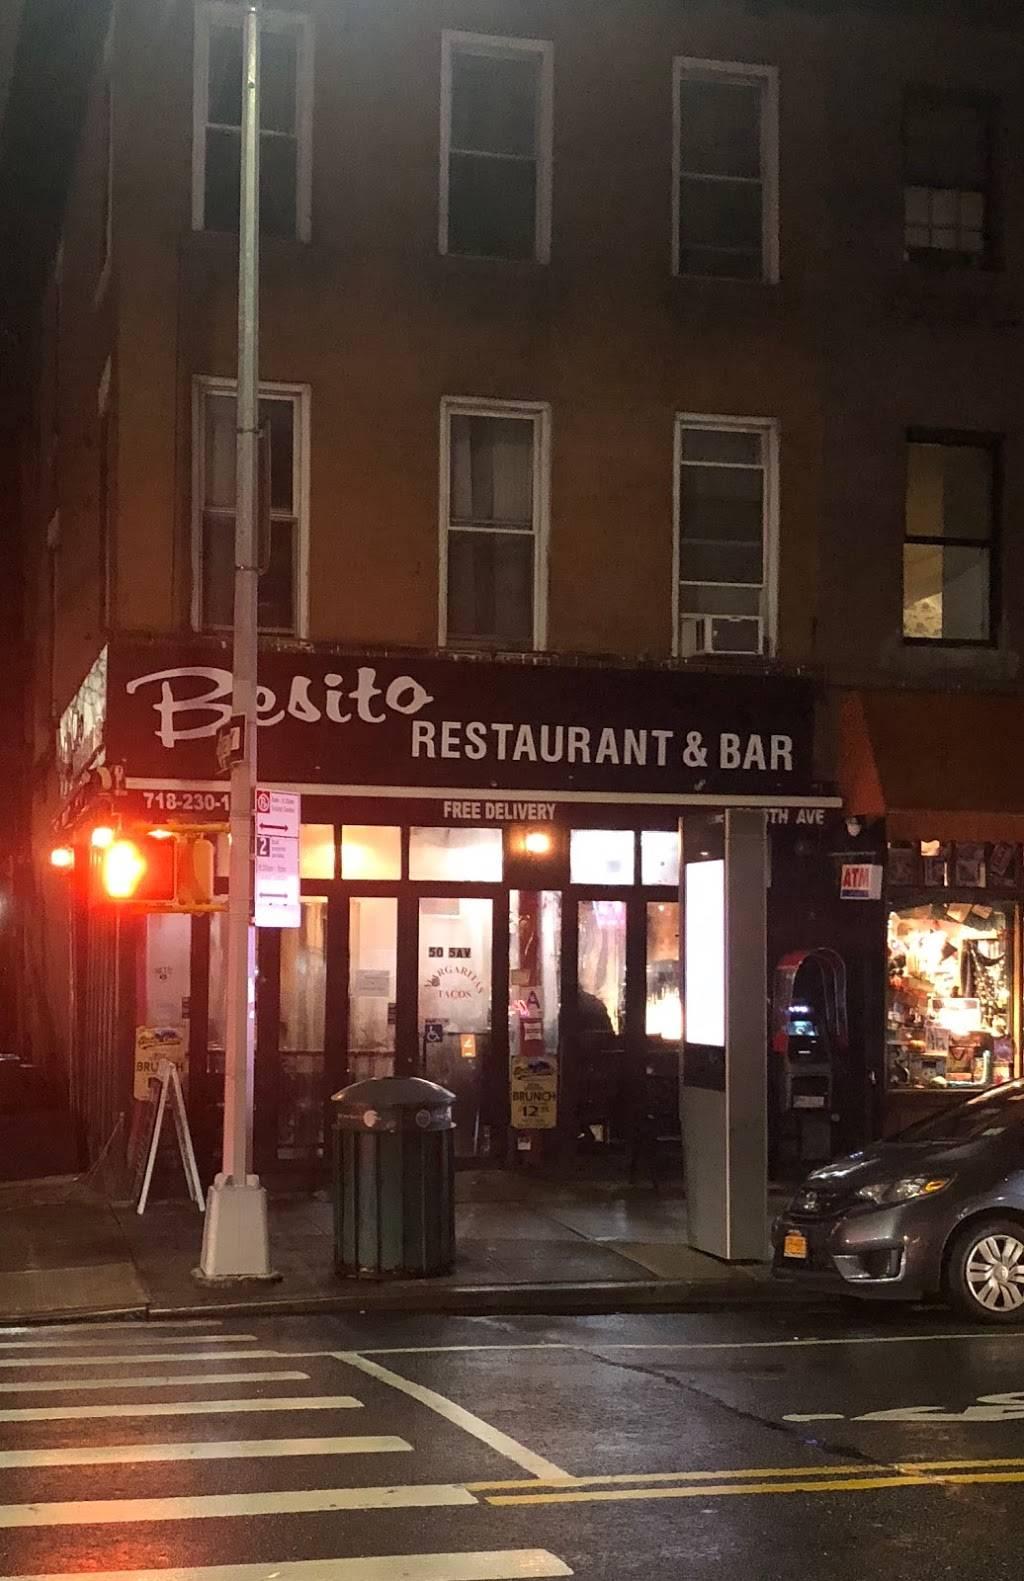 Besito   restaurant   50 5th Ave, Brooklyn, NY 11217, USA   7182301703 OR +1 718-230-1703